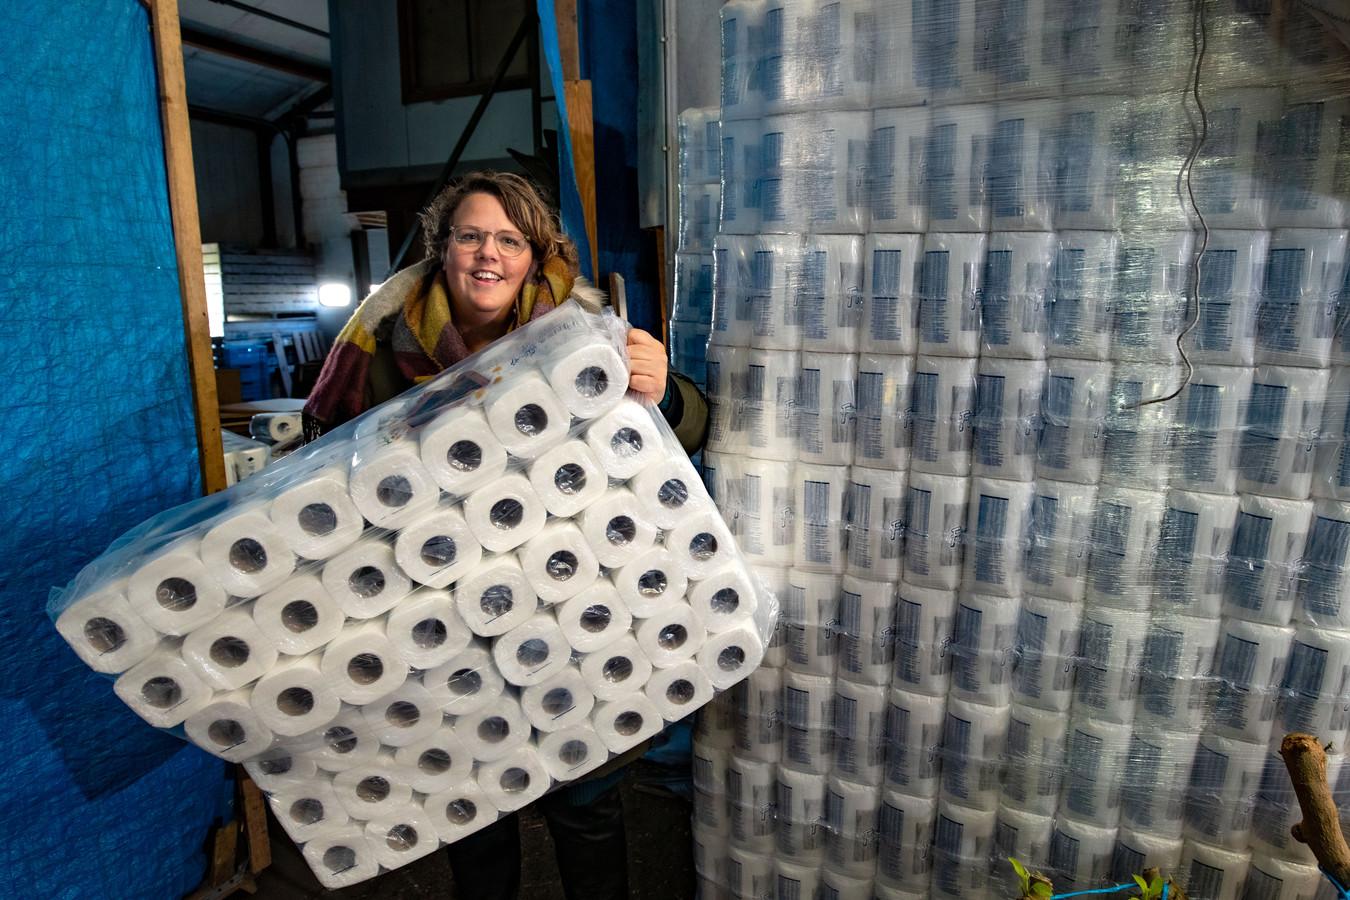 Marleen Kragt van de 21-plus heeft toiletpapier in de aanbieding. ,,Mensen moeten lachen, durven niet te zeggen 'heb ik niet nodig'.''